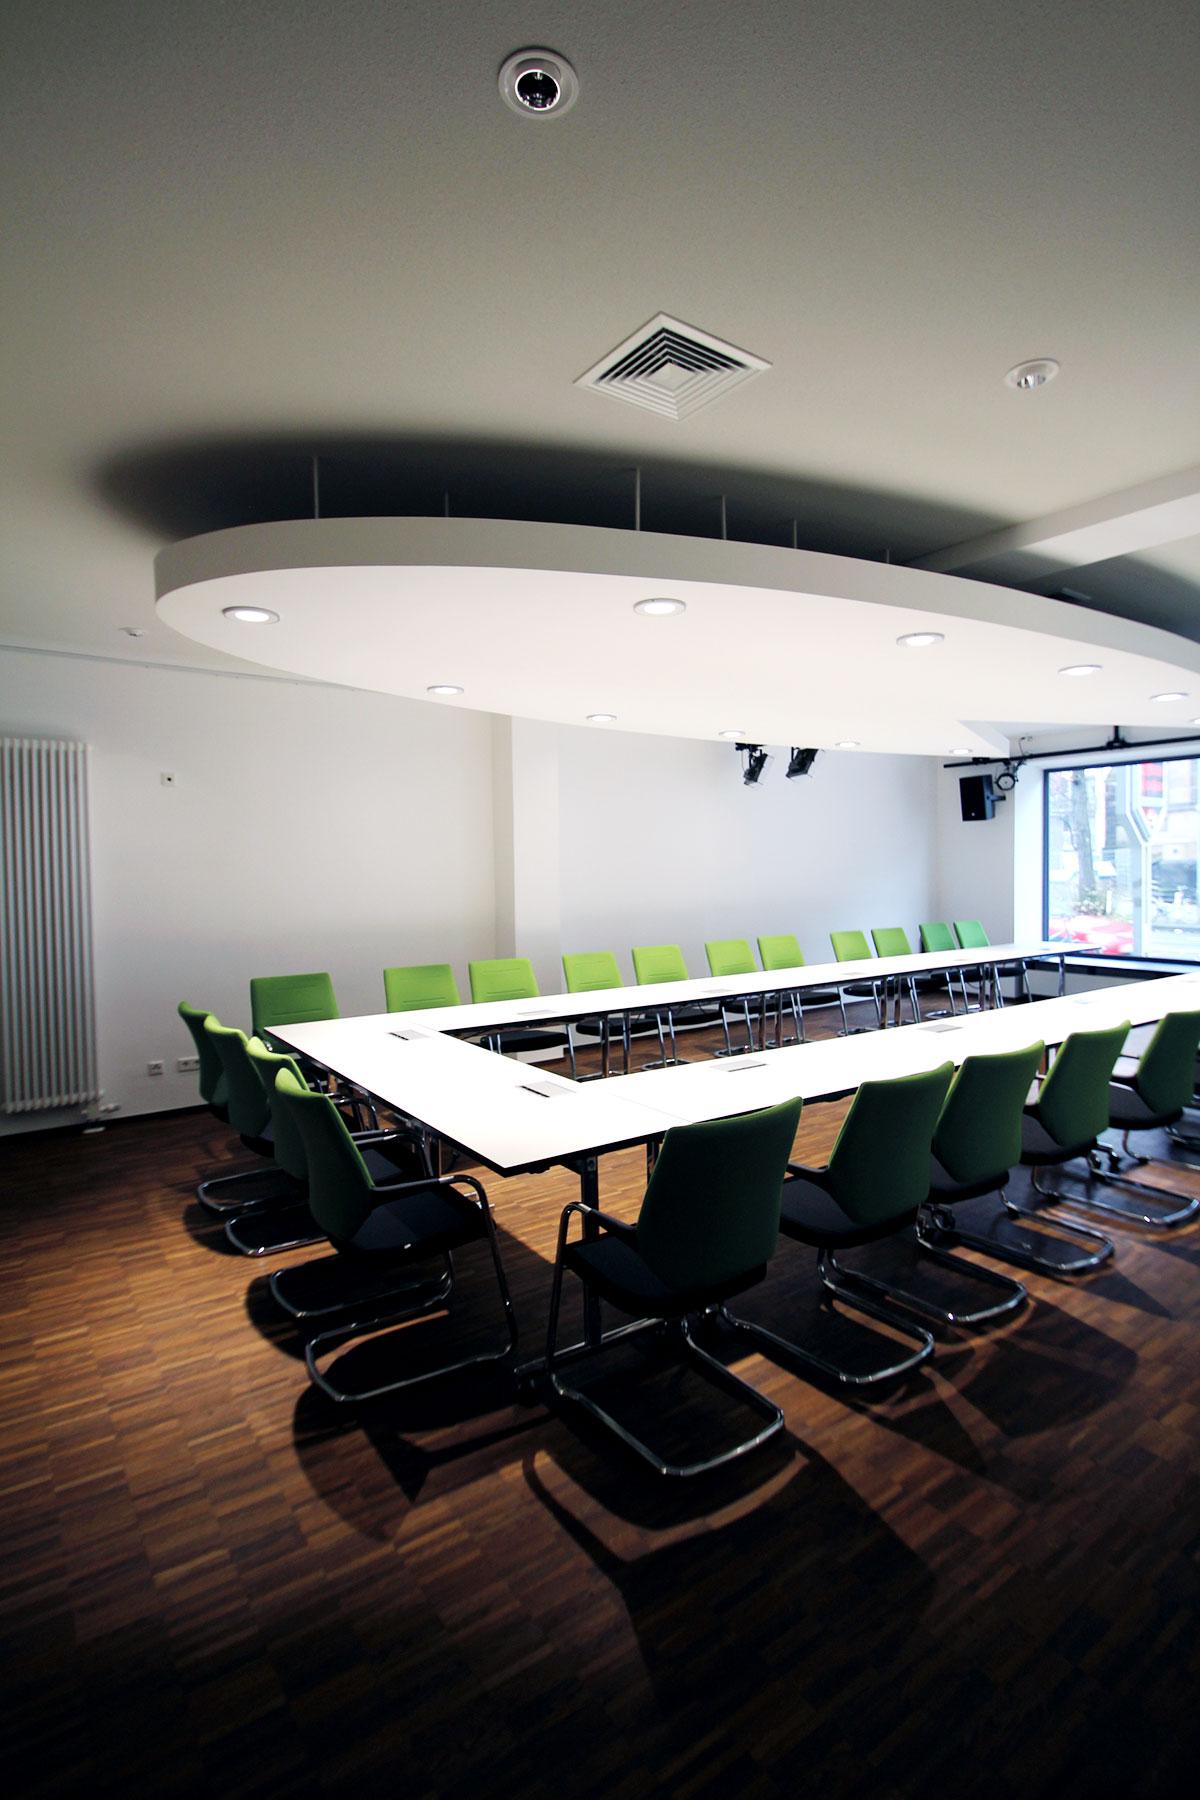 beleuchtung planen und einrichten pro office gmbh. Black Bedroom Furniture Sets. Home Design Ideas